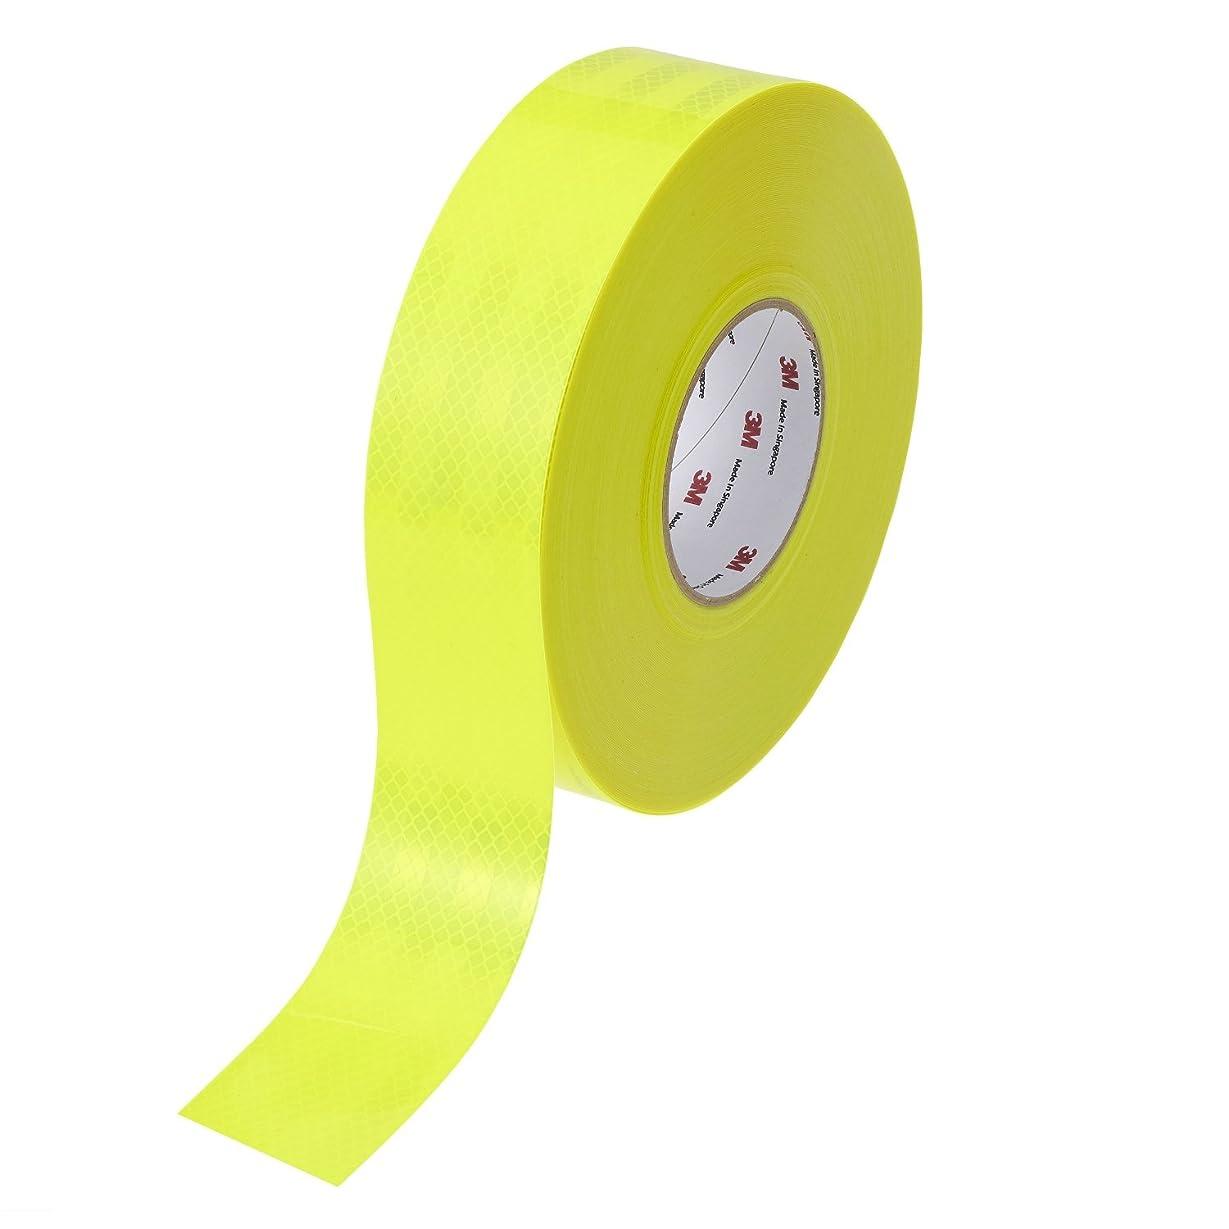 臭いリングシンポジウム3M ダイヤモンドグレード反射シート 蛍光黄緑 PX9423 50.8mmX45.7m